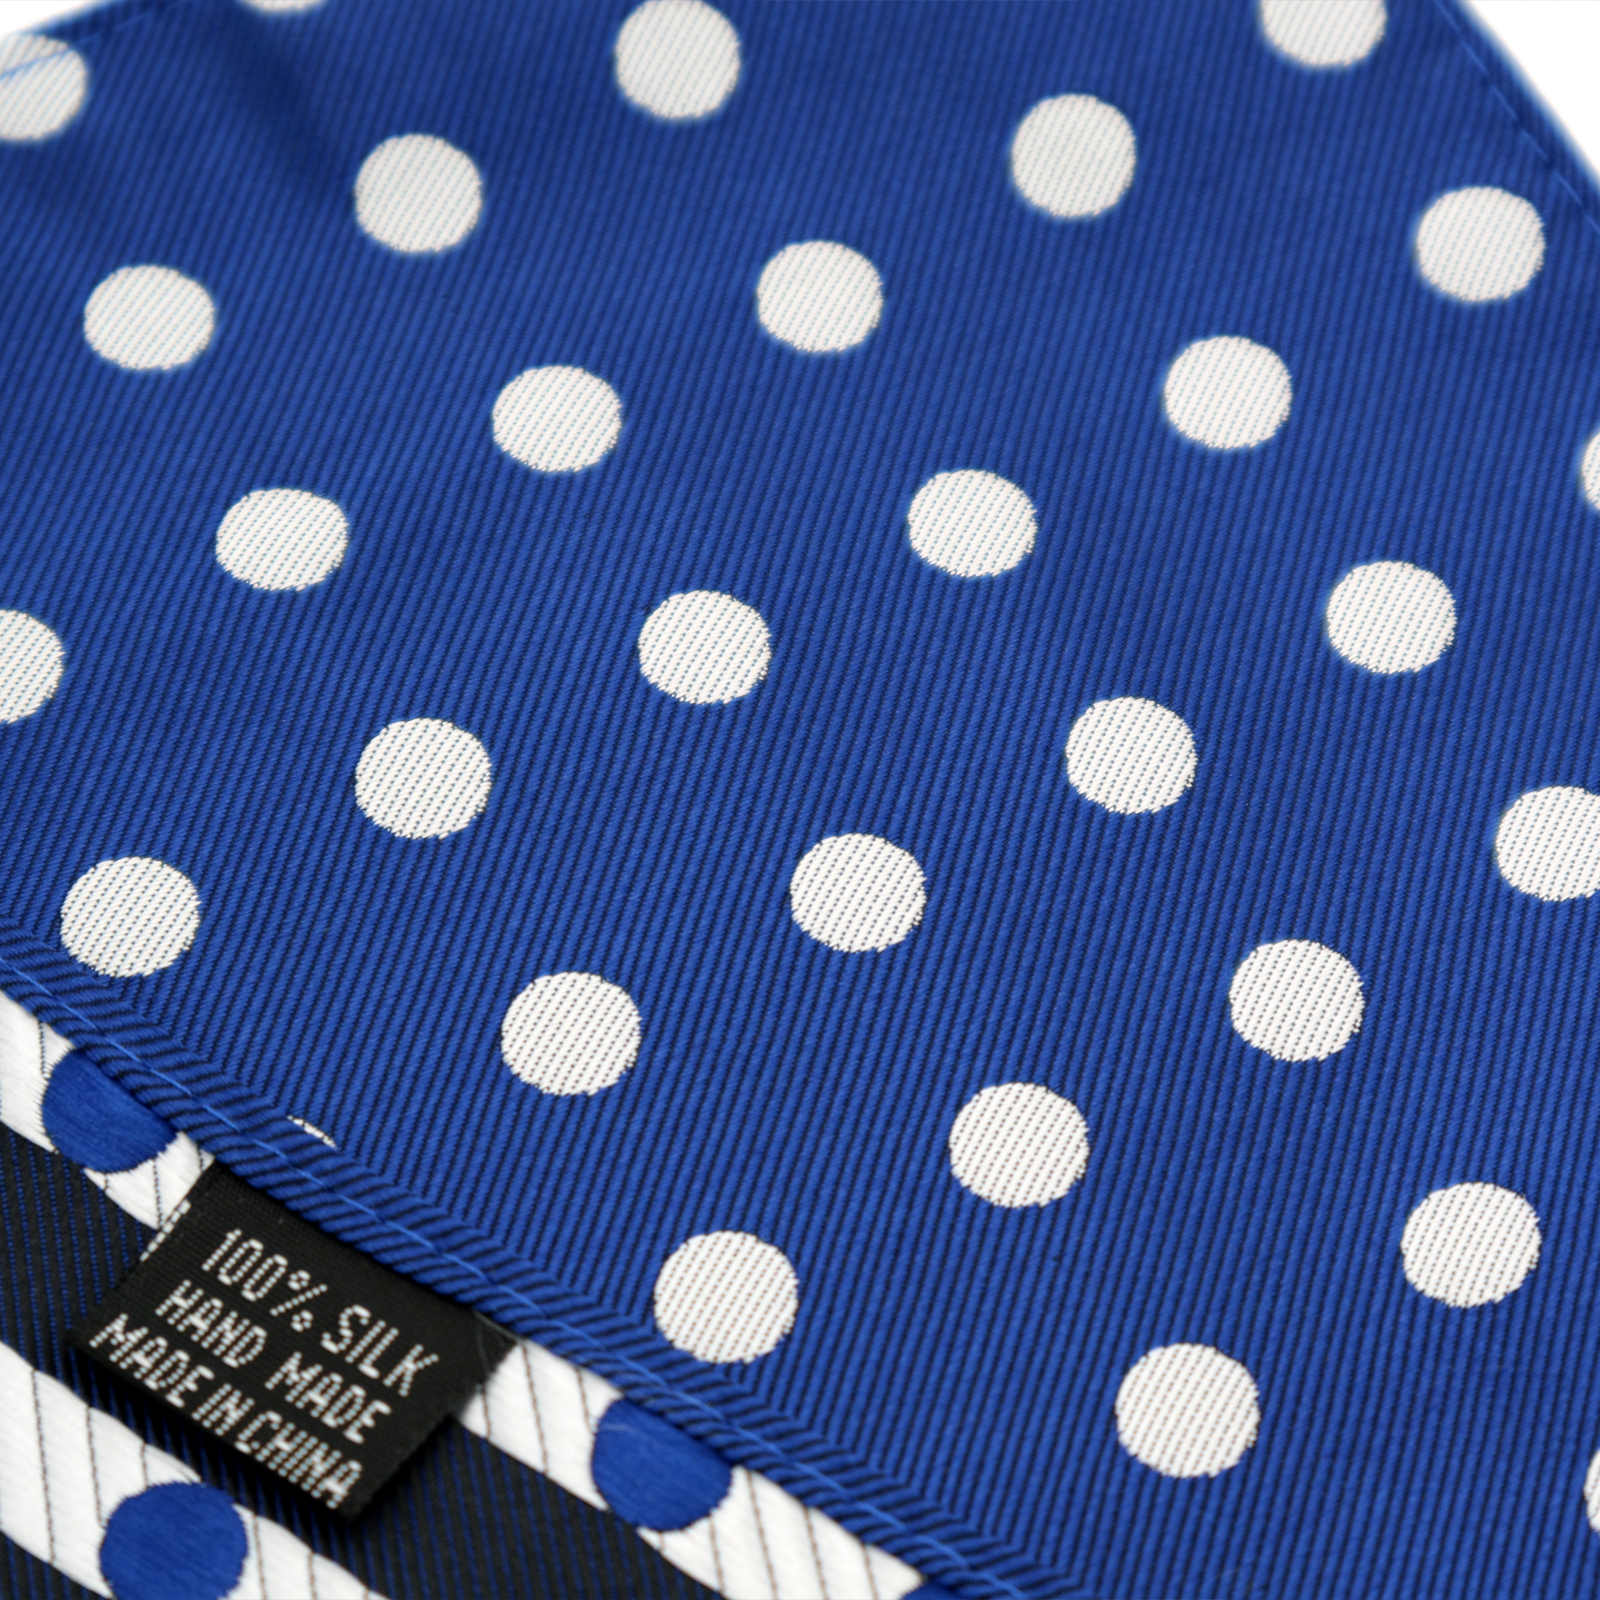 61-80 ヴィンテージメンズ 100% シルクハンカチペイズリーストライプ水玉ポケット正方形スーツジャケットウェディングパーティービジネス